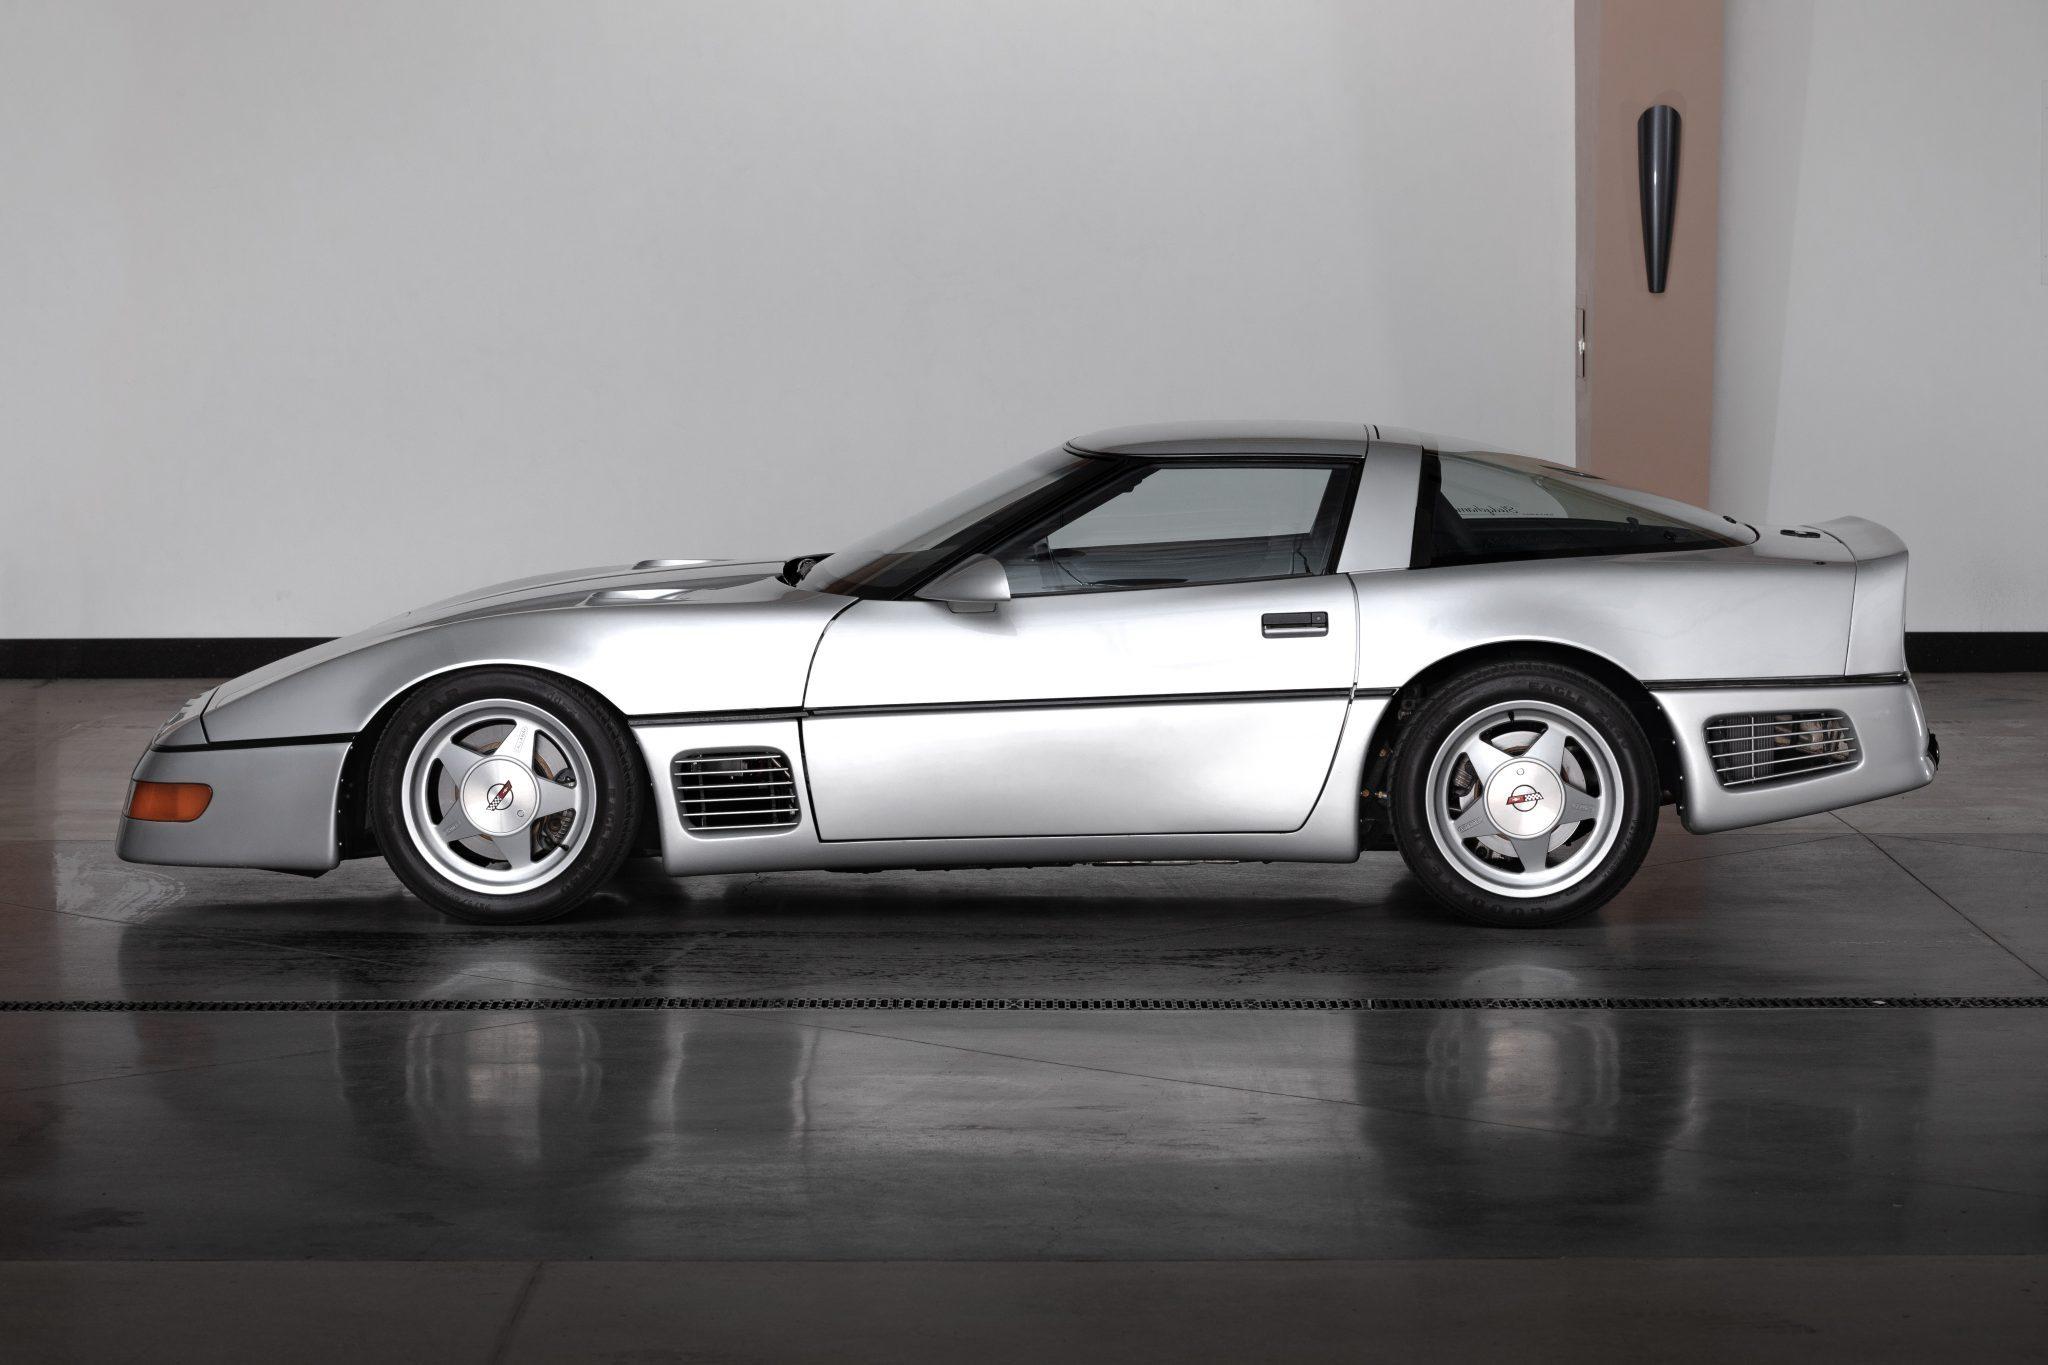 1988 Chevrolet Corvette Callaway SledgeHammer BaT profile